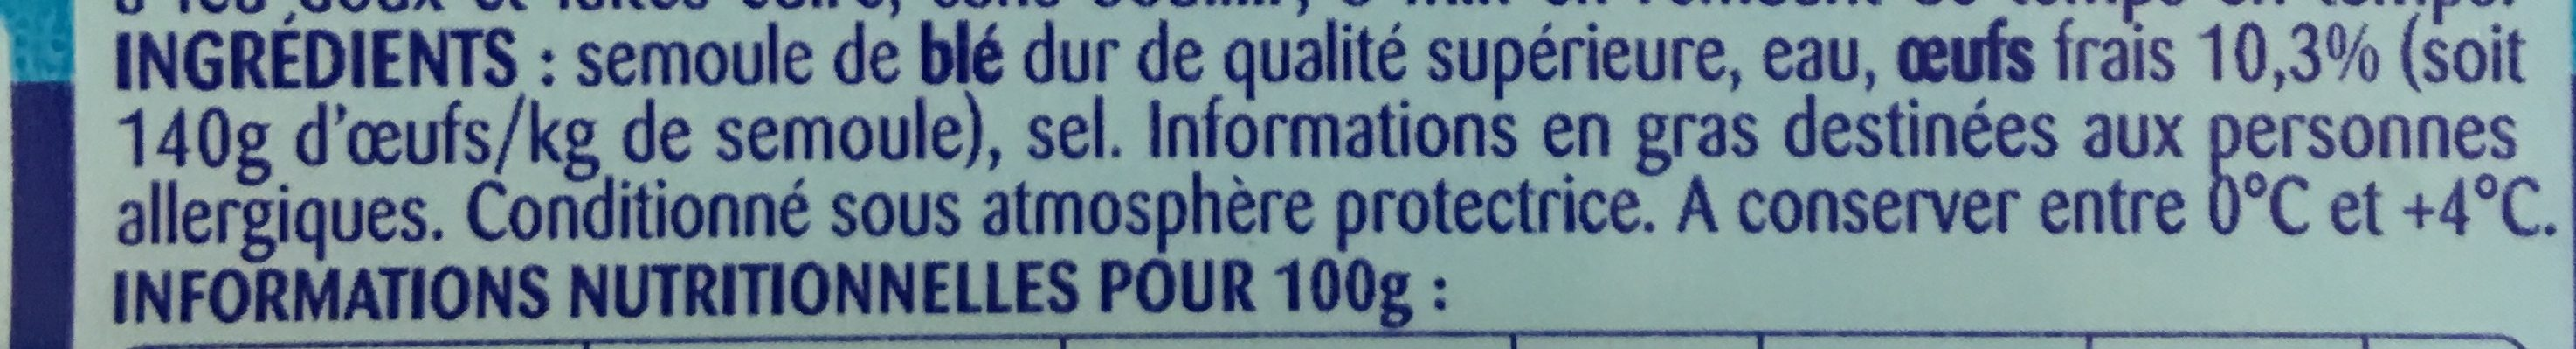 Tagliatelles Aux œufs frais - Ingredients - fr